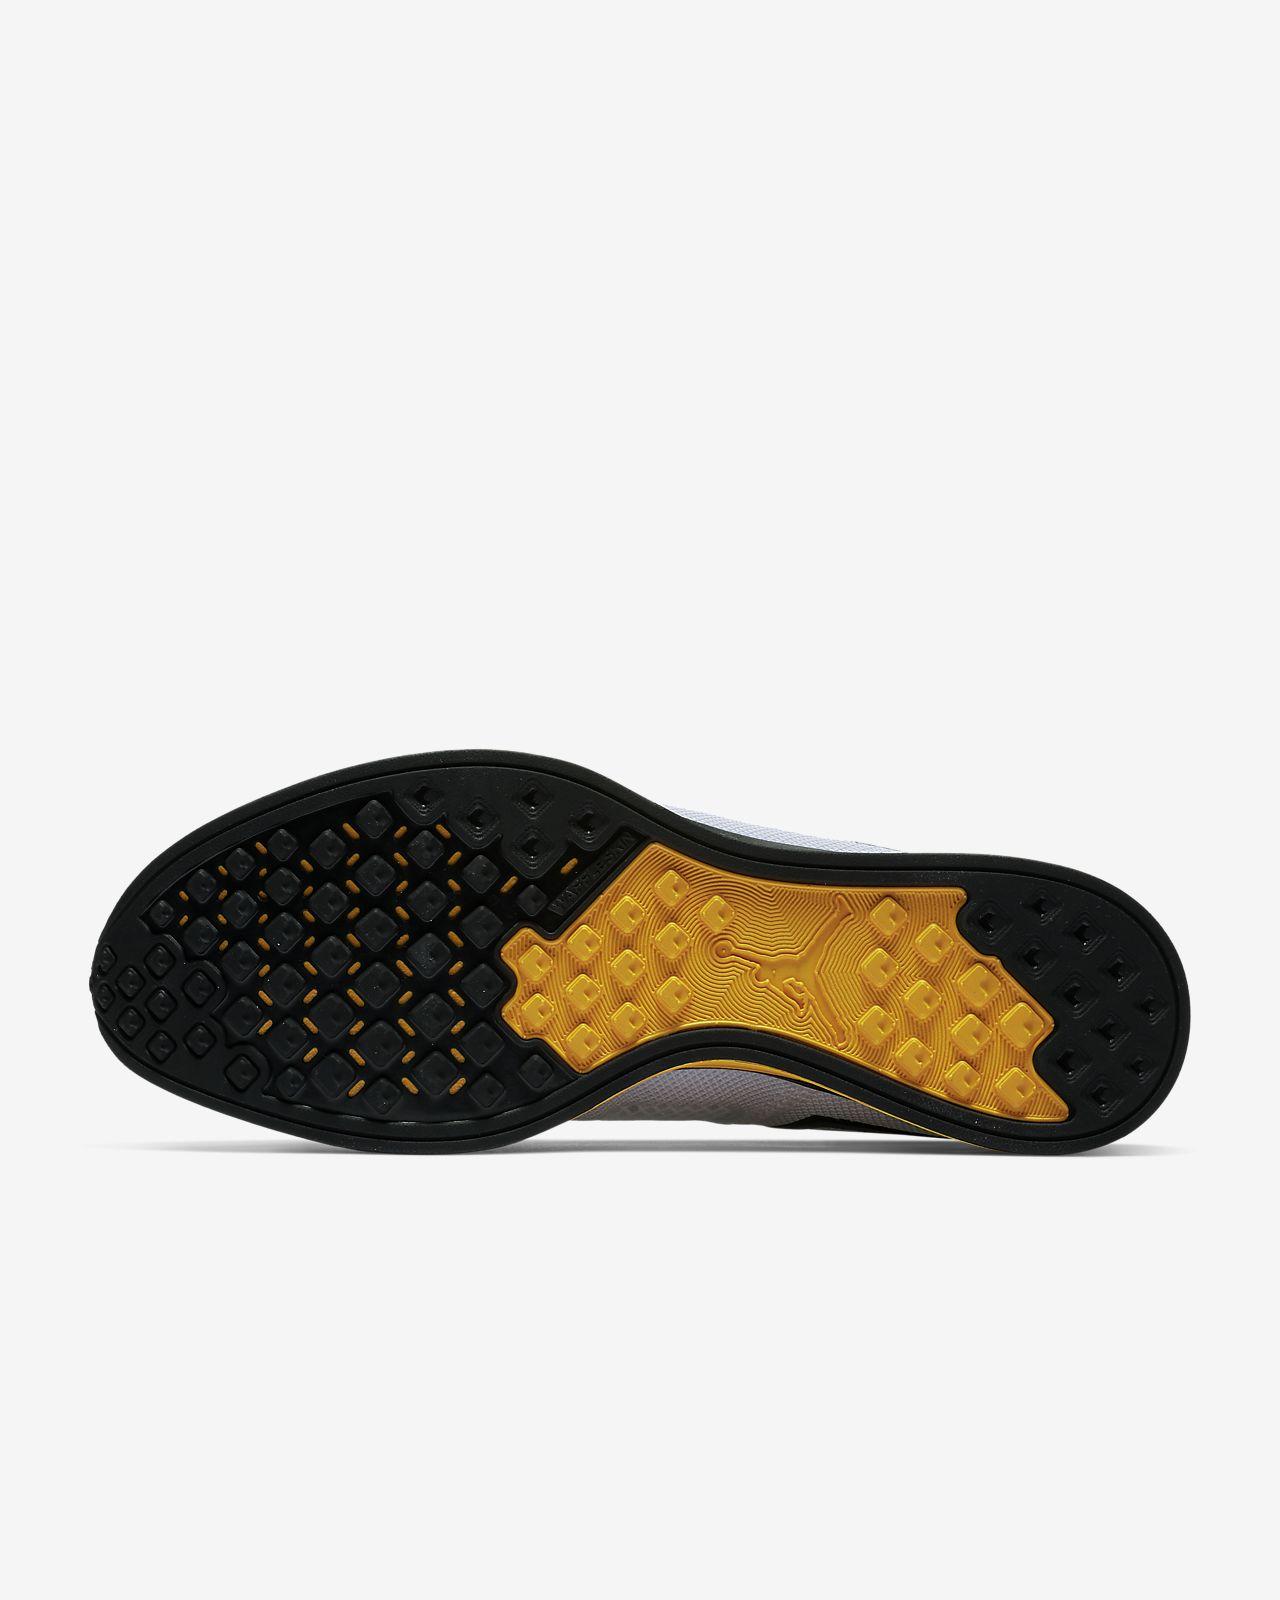 buy popular f7790 db8f2 ... Jordan 89 Racer Men s Training Shoe